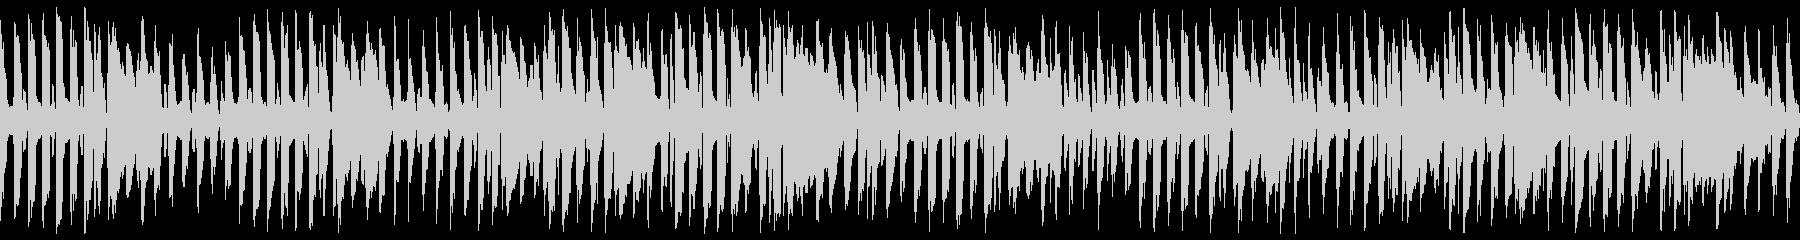 軽快ほのぼの温かい口笛ウクレレ(ループの未再生の波形